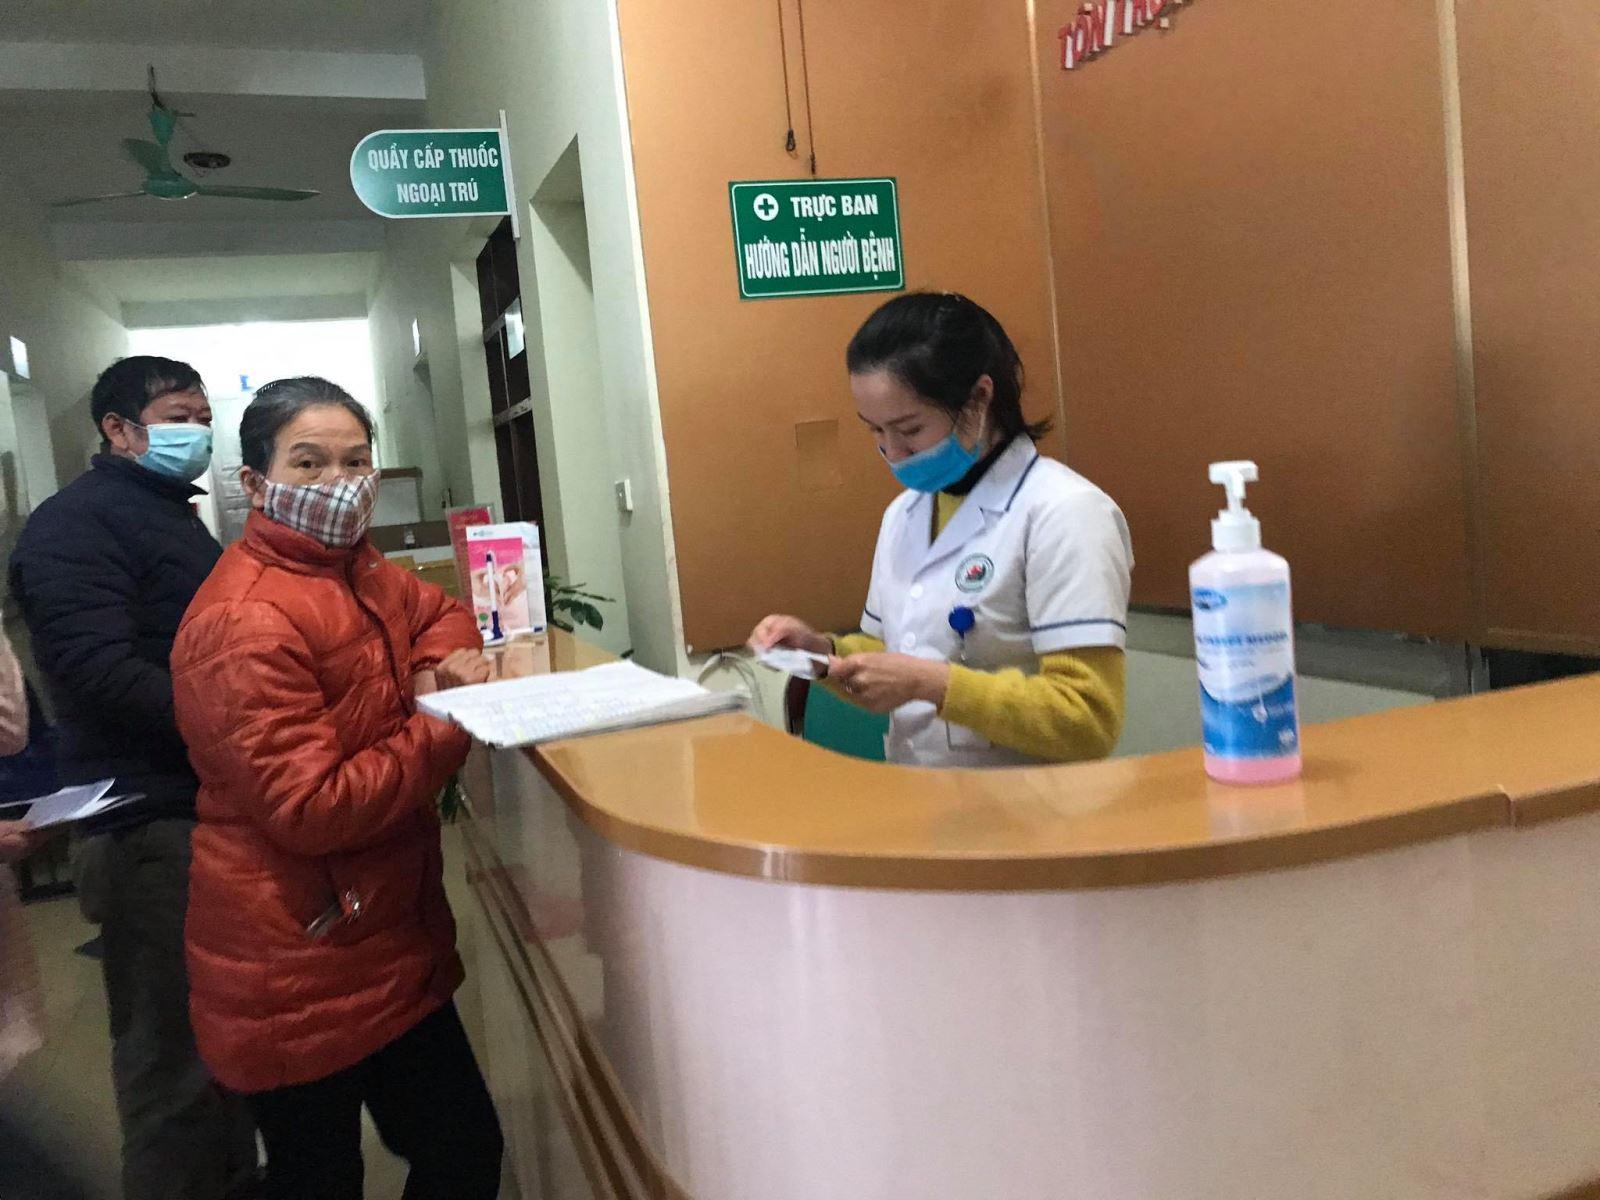 Bệnh viện đảm bảo phòng dịch COVID-19